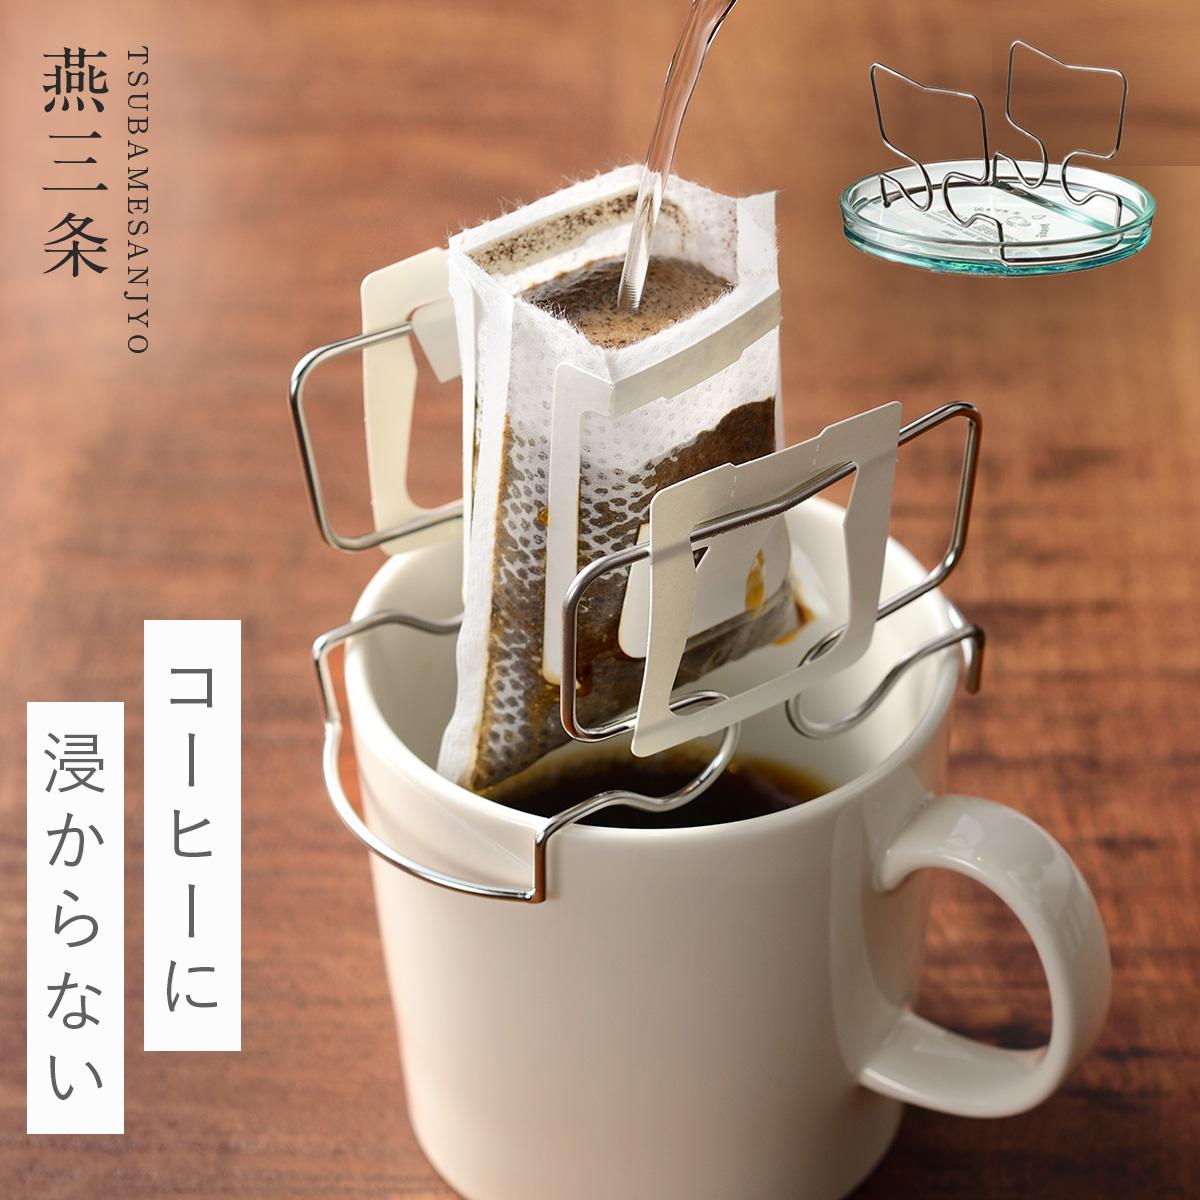 カップの上でドリップするドリップバッグホルダー ドリップコーヒー スタンド ホルダー セール 登場から人気沸騰 ドリップバッグ ドリップ コーヒー カフェ キッチン カップ コーヒードリップバッグホルダー メイルオーダー コーヒーカップ 珈琲